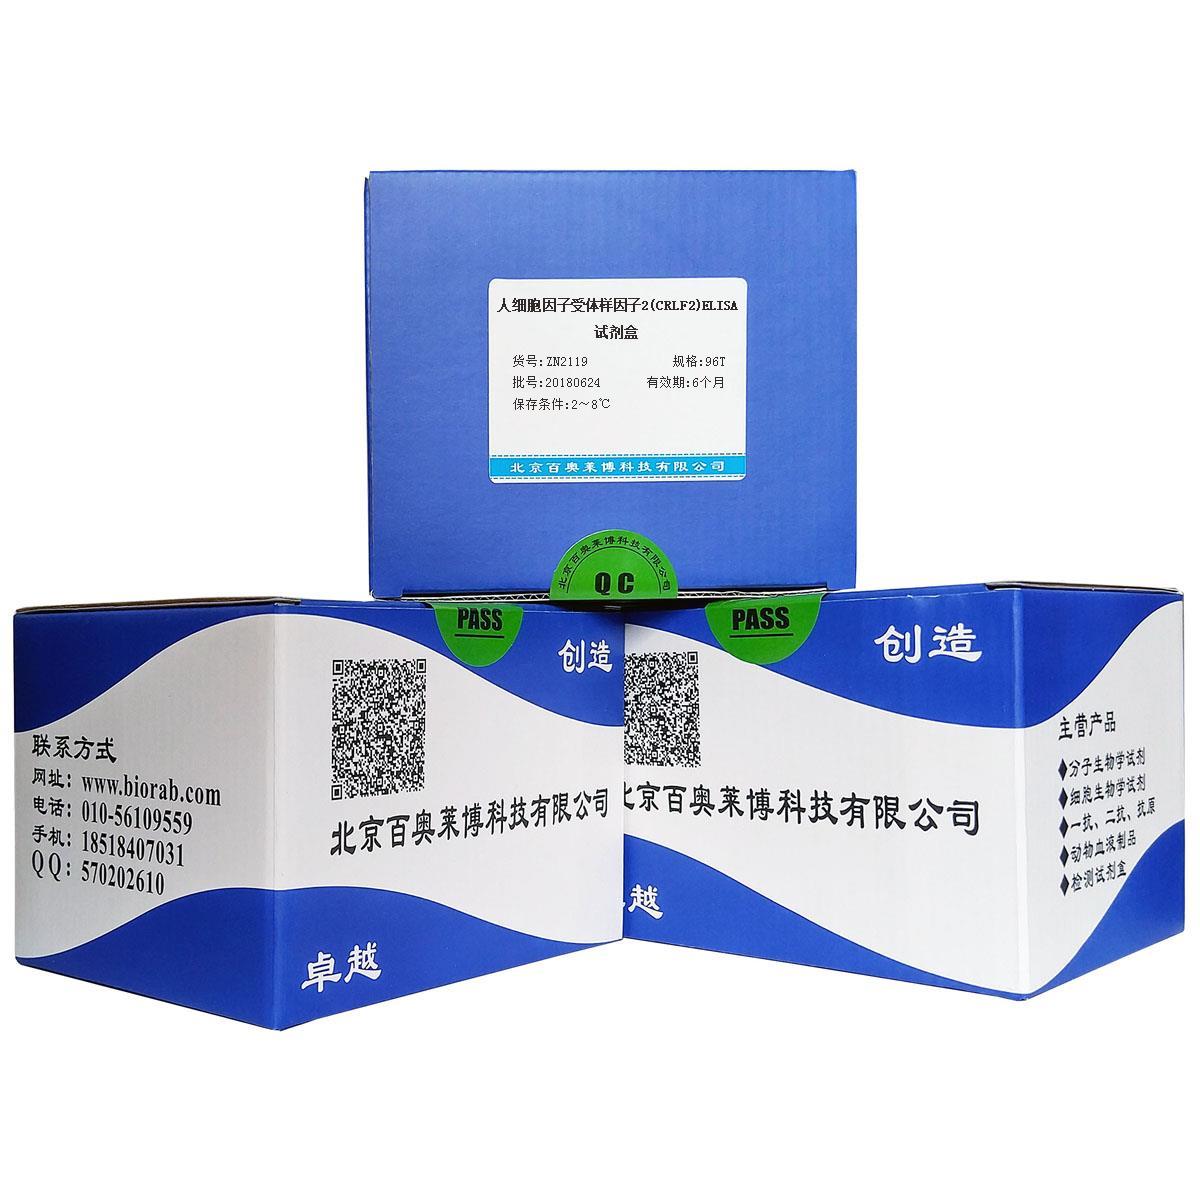 人细胞因子受体样因子2(CRLF2)ELISA试剂盒促销